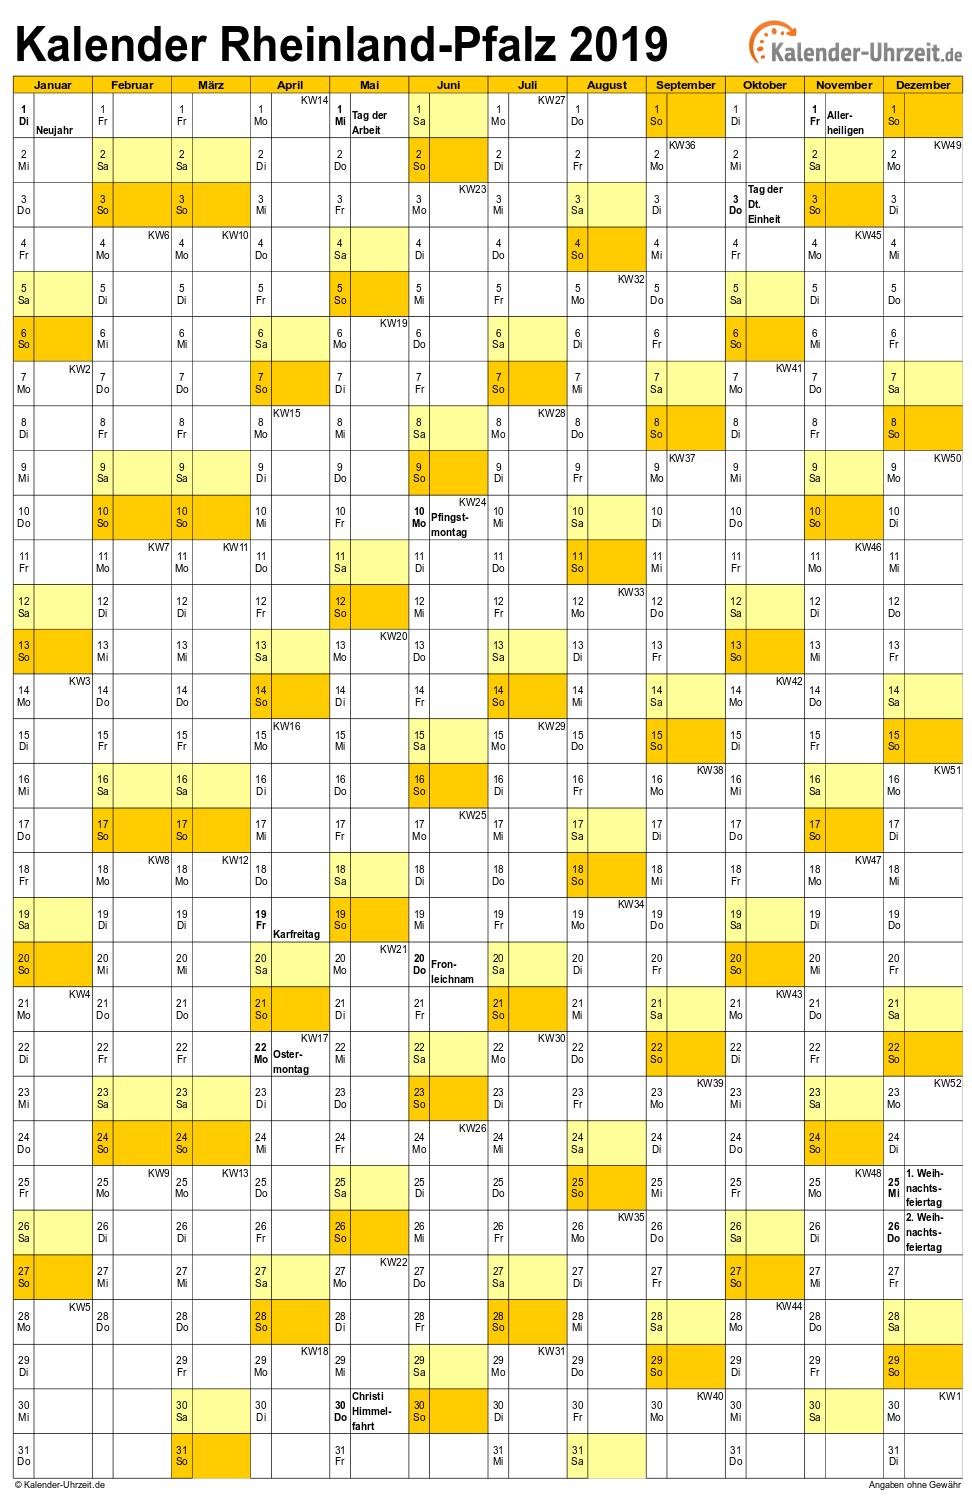 Kalender Mit Feiertagen In Nrw 2019